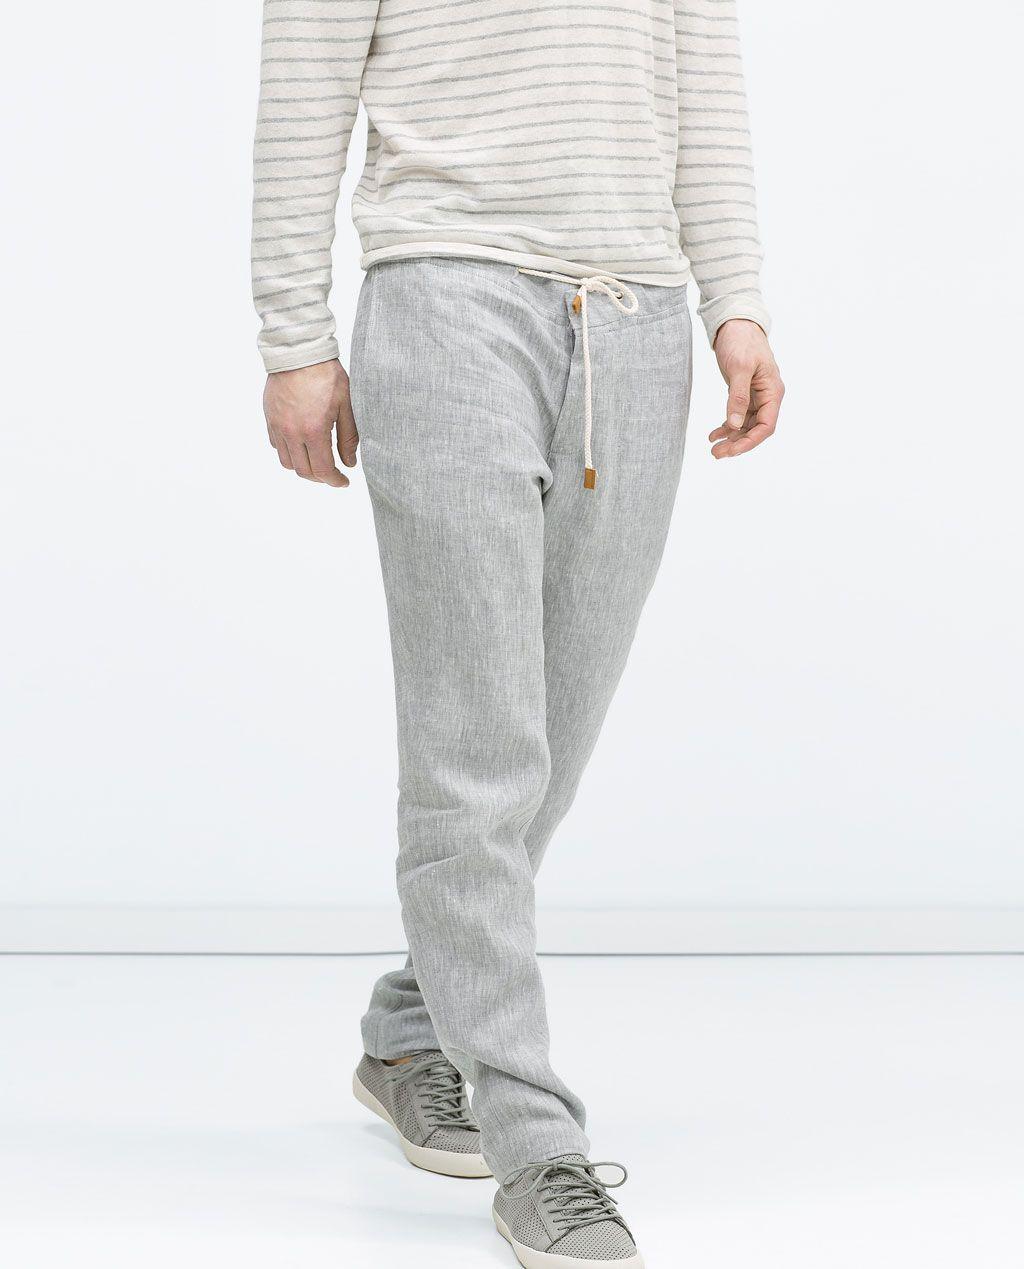 ZaraMariage Lin Cordon Moman 3 Image Pantalon De Men Popa PiXZTOku